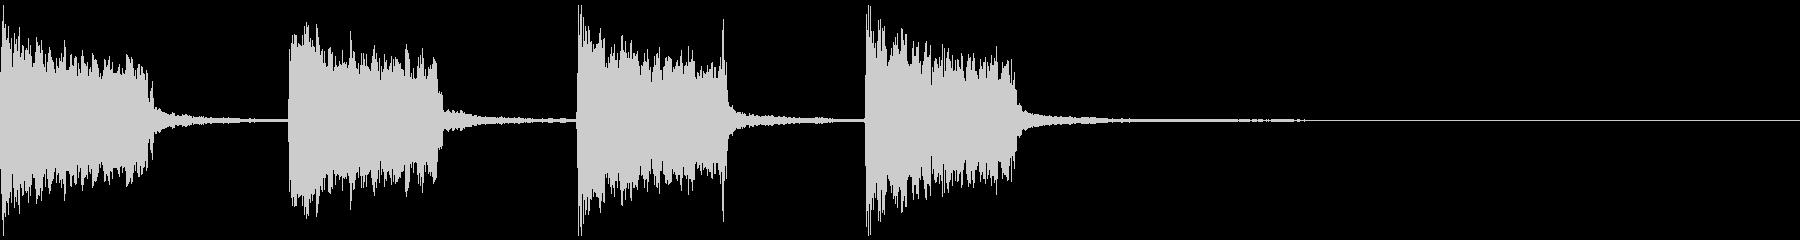 警報音01の未再生の波形